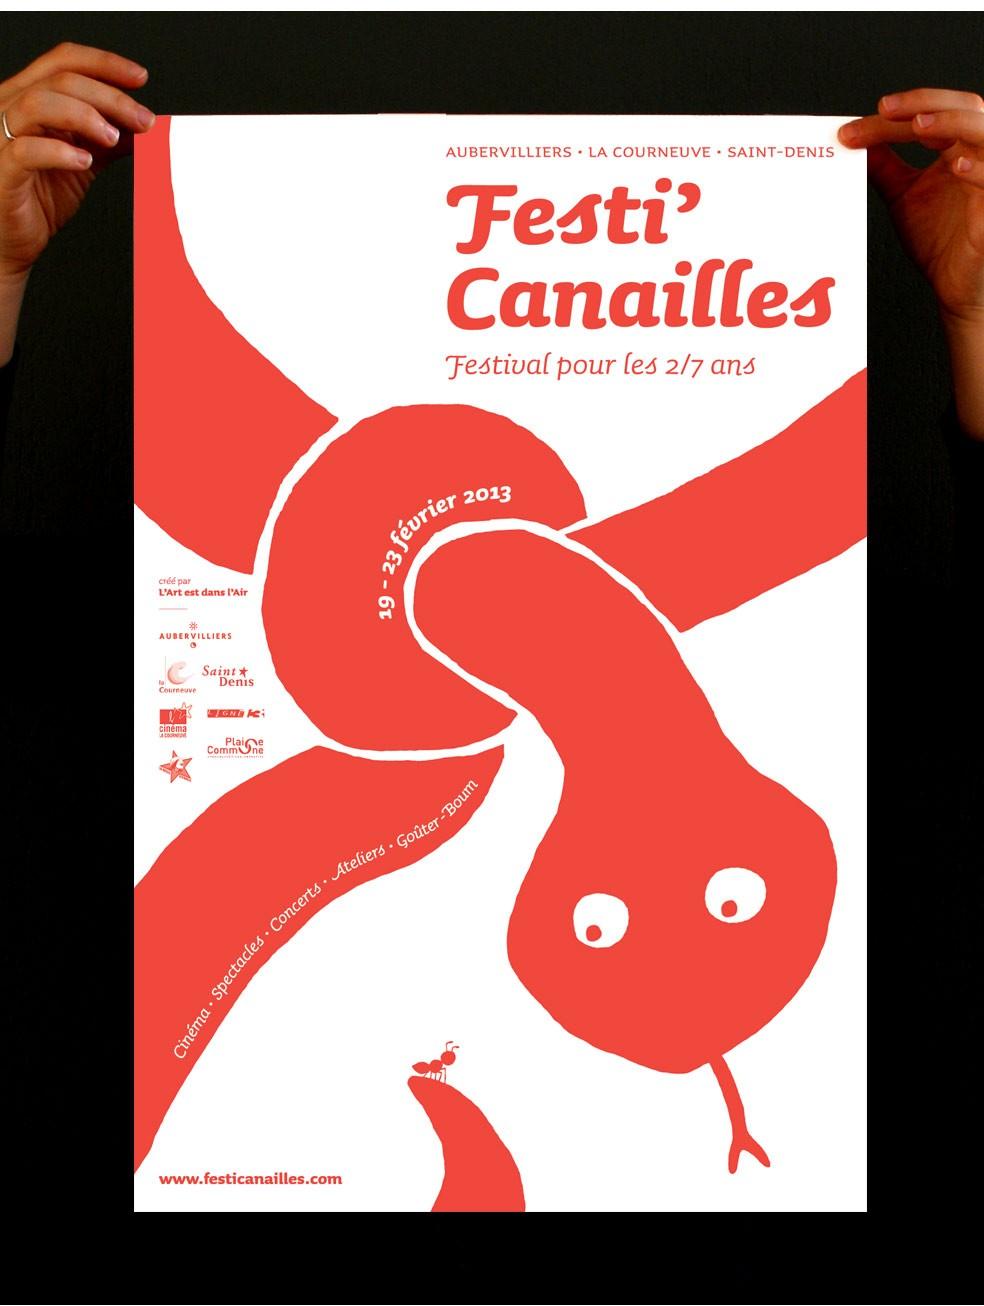 festi-canailles_2012-2014_04-daa2ea4822489e0faf89a02d303d8126